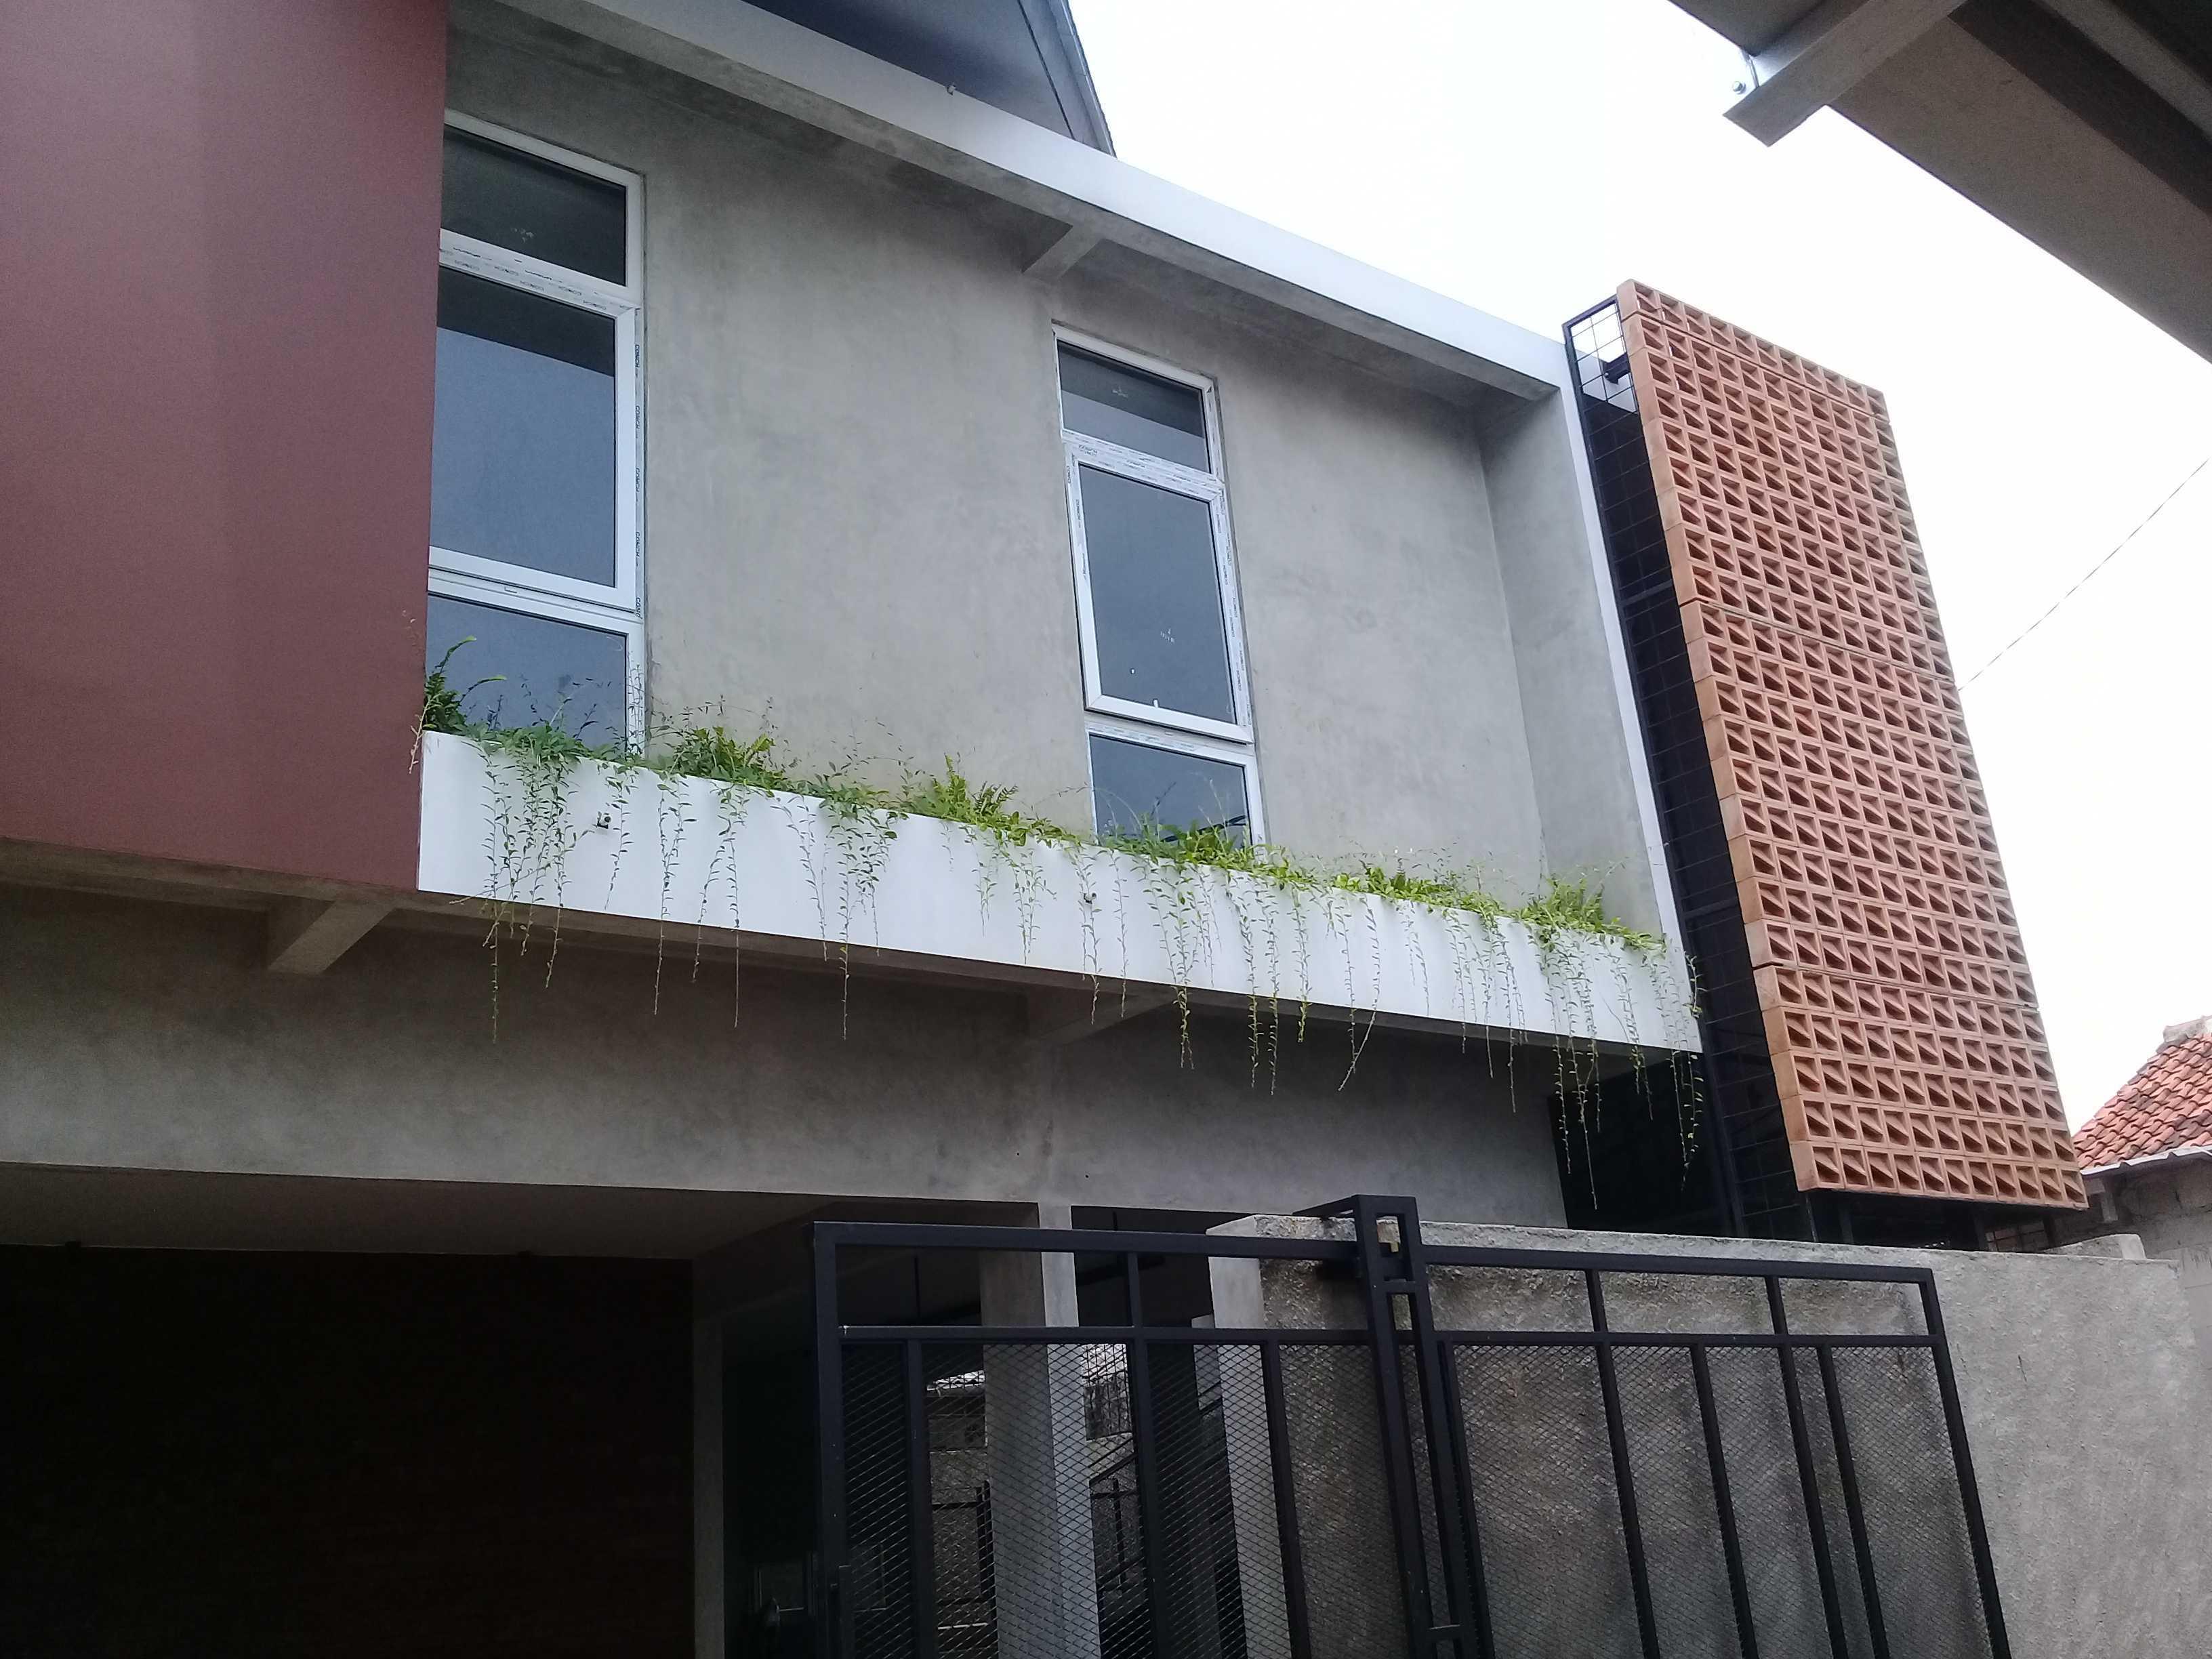 Yasa+ W-House Kec. Ciledug, Kota Tangerang, Banten, Indonesia Kec. Ciledug, Kota Tangerang, Banten, Indonesia Yasa-W-House Modern  90982